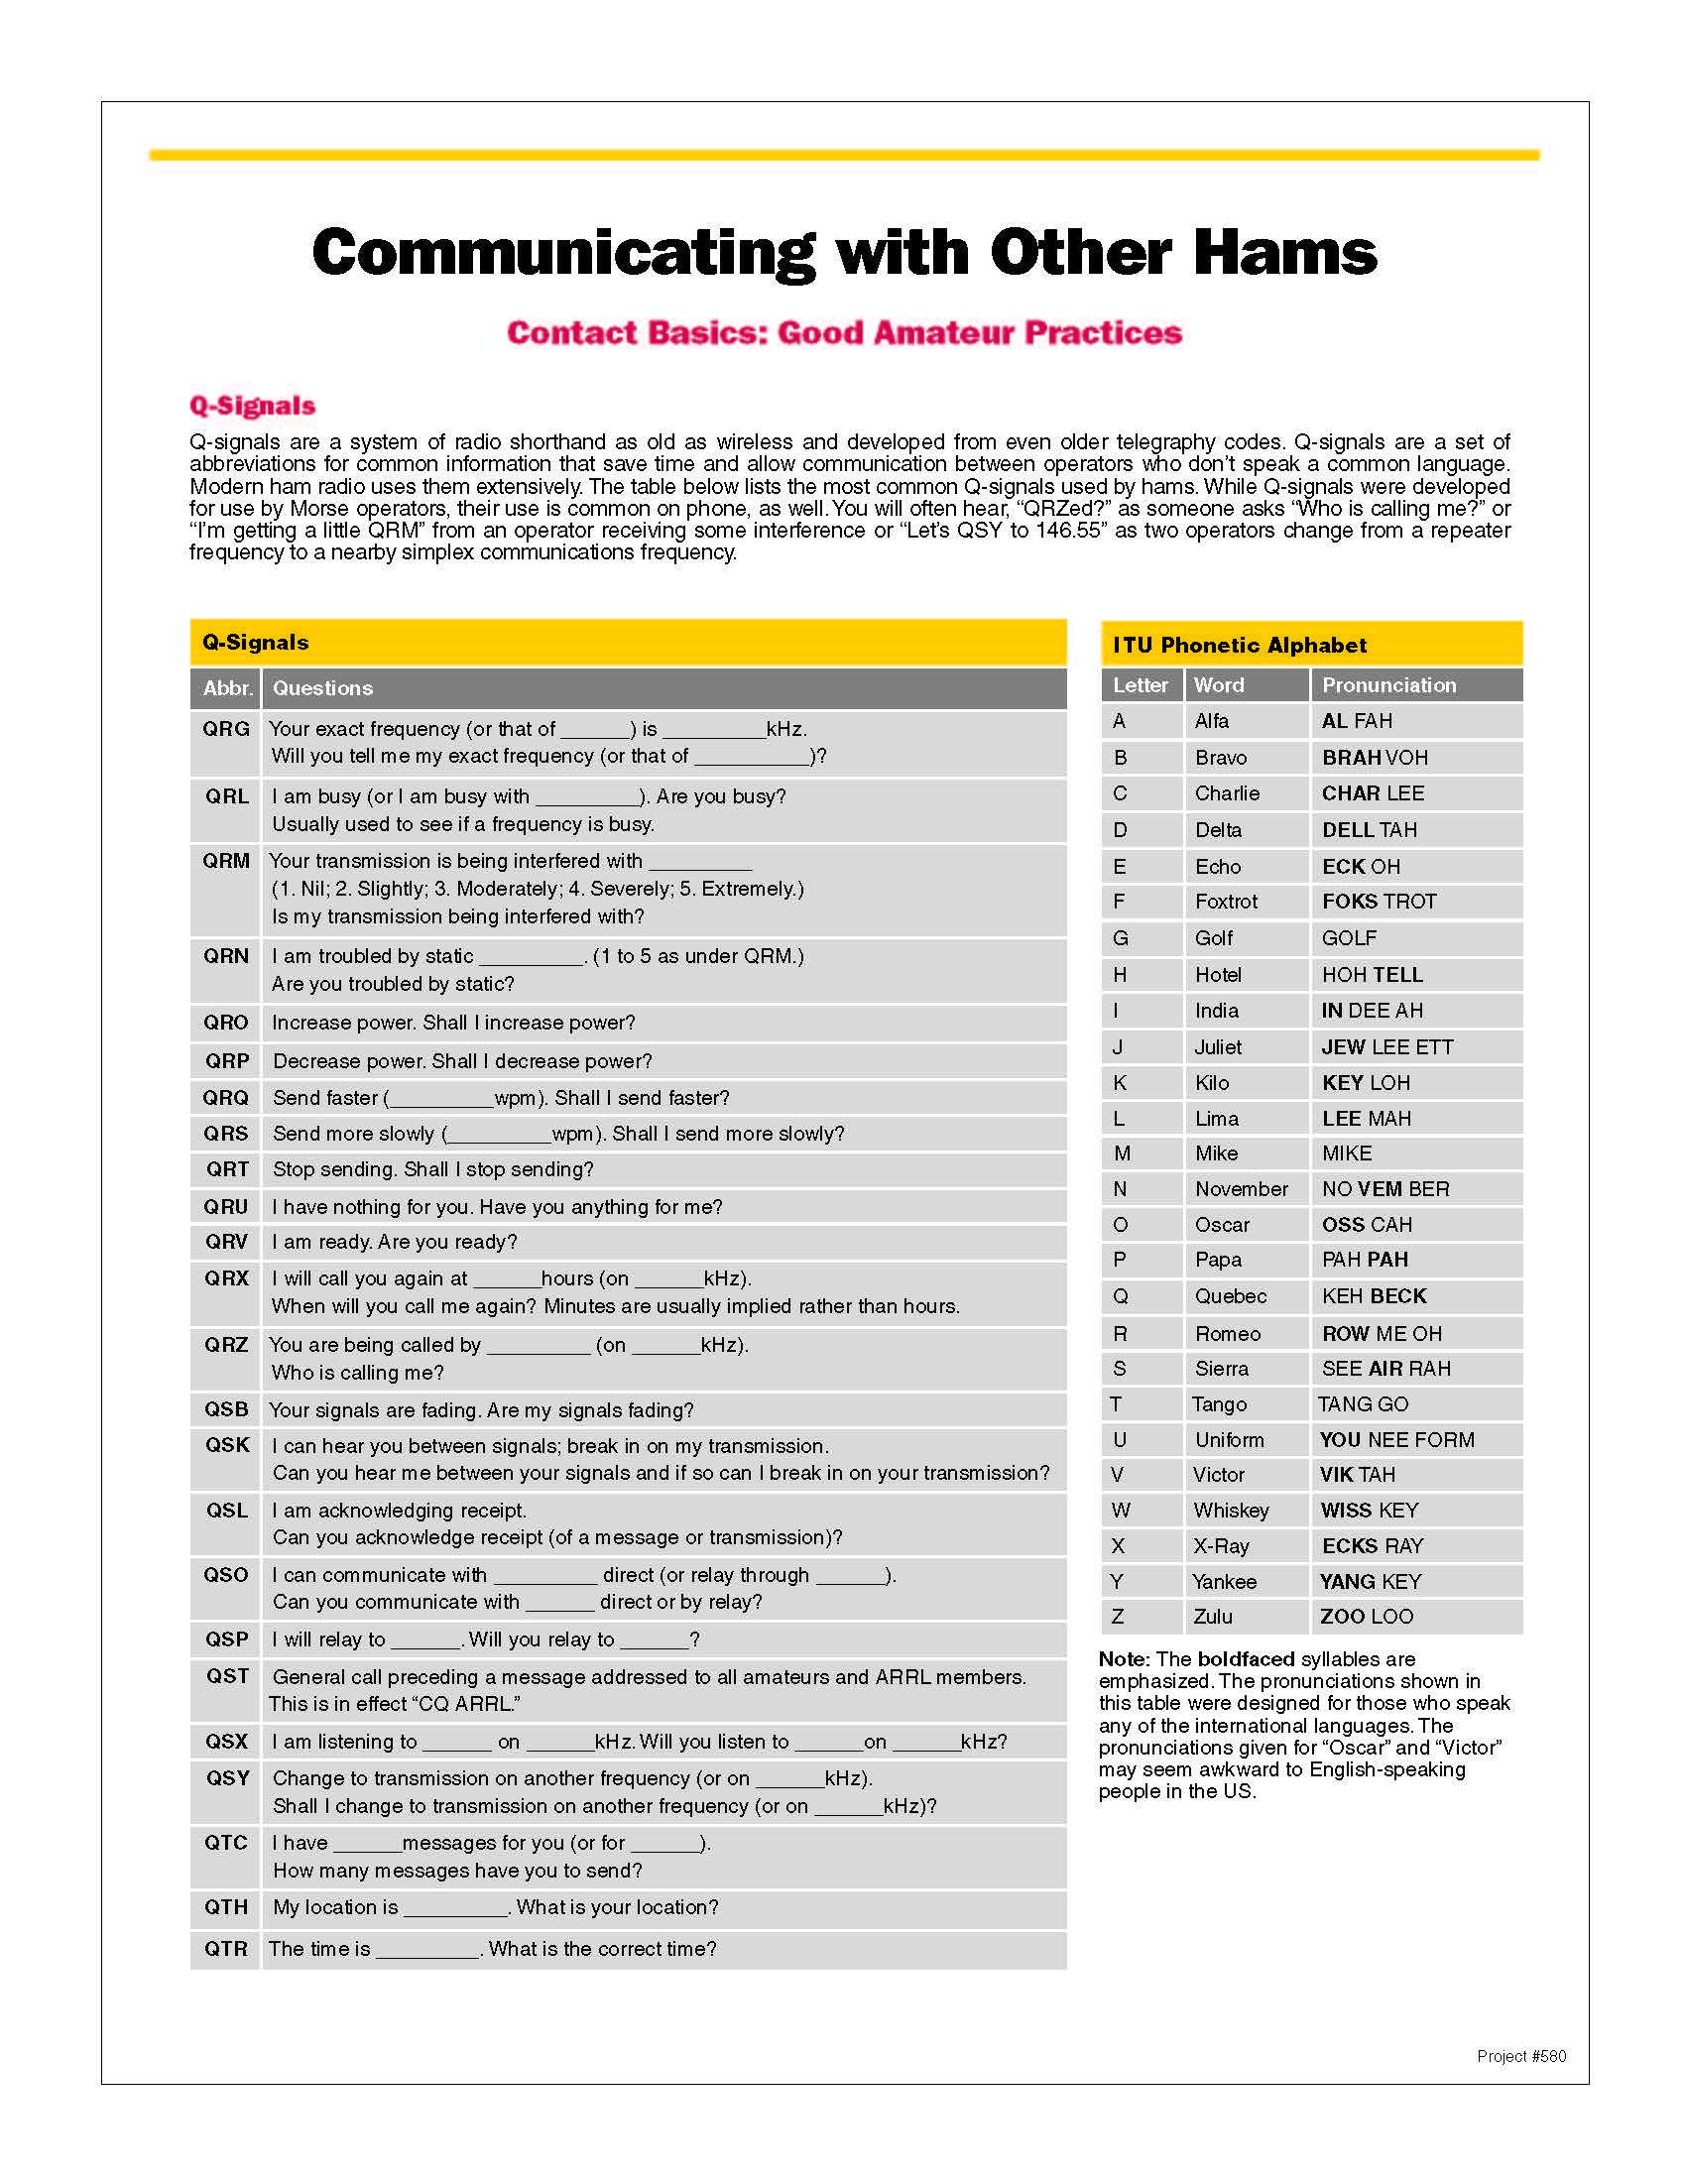 Ham Radio Q Codes  Phonetic Alphabet  Radio